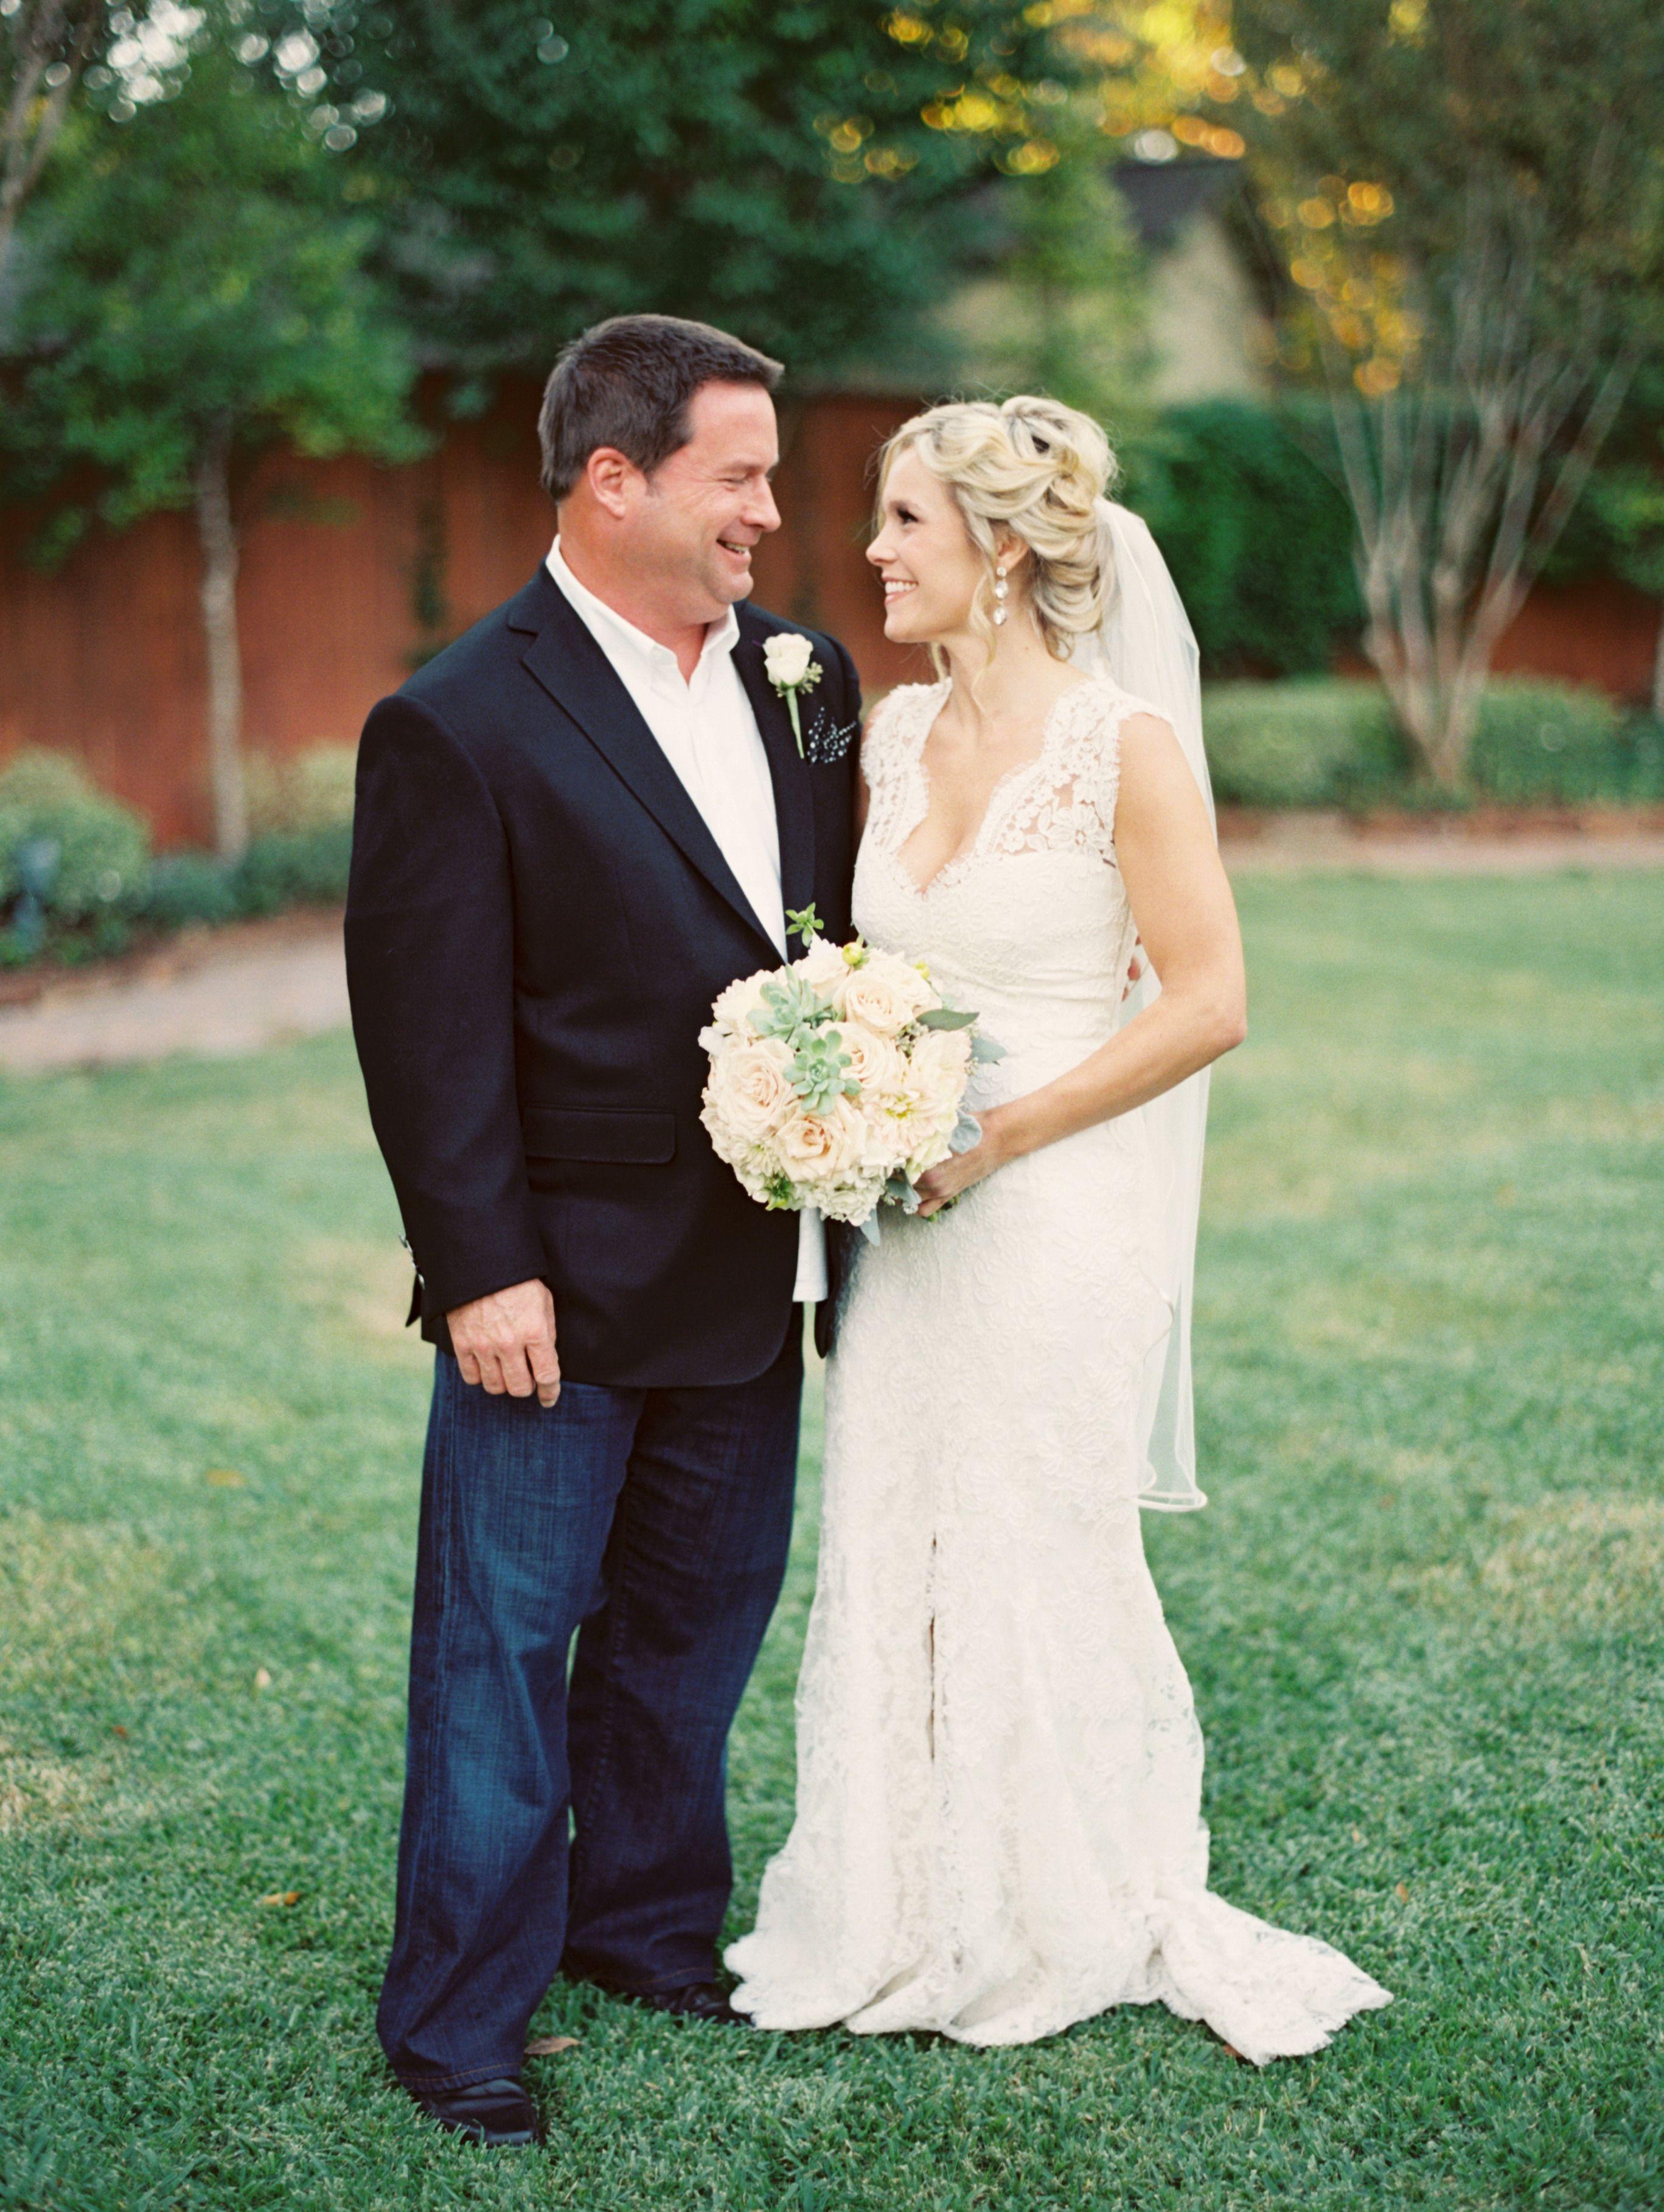 Romantic Houston Backyard Wedding | Wedding day ...